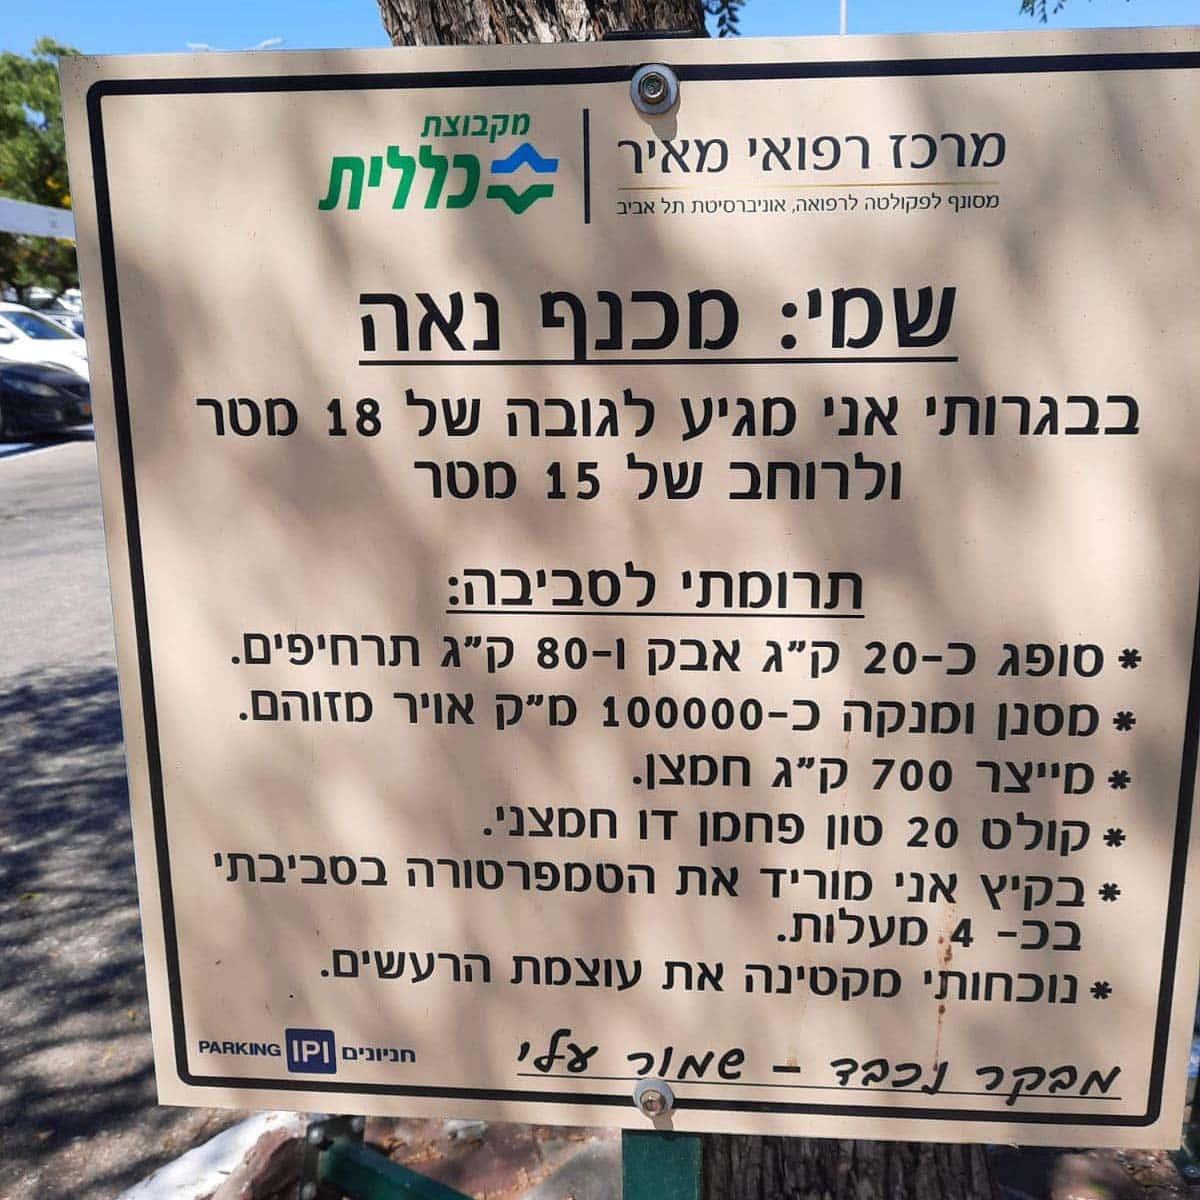 השלט שנתלה על העץ בחנייה של בית חולים מאיר בכפר סבא (צילום: מתוך דף הפייסבוק 'רחובות של עצים')